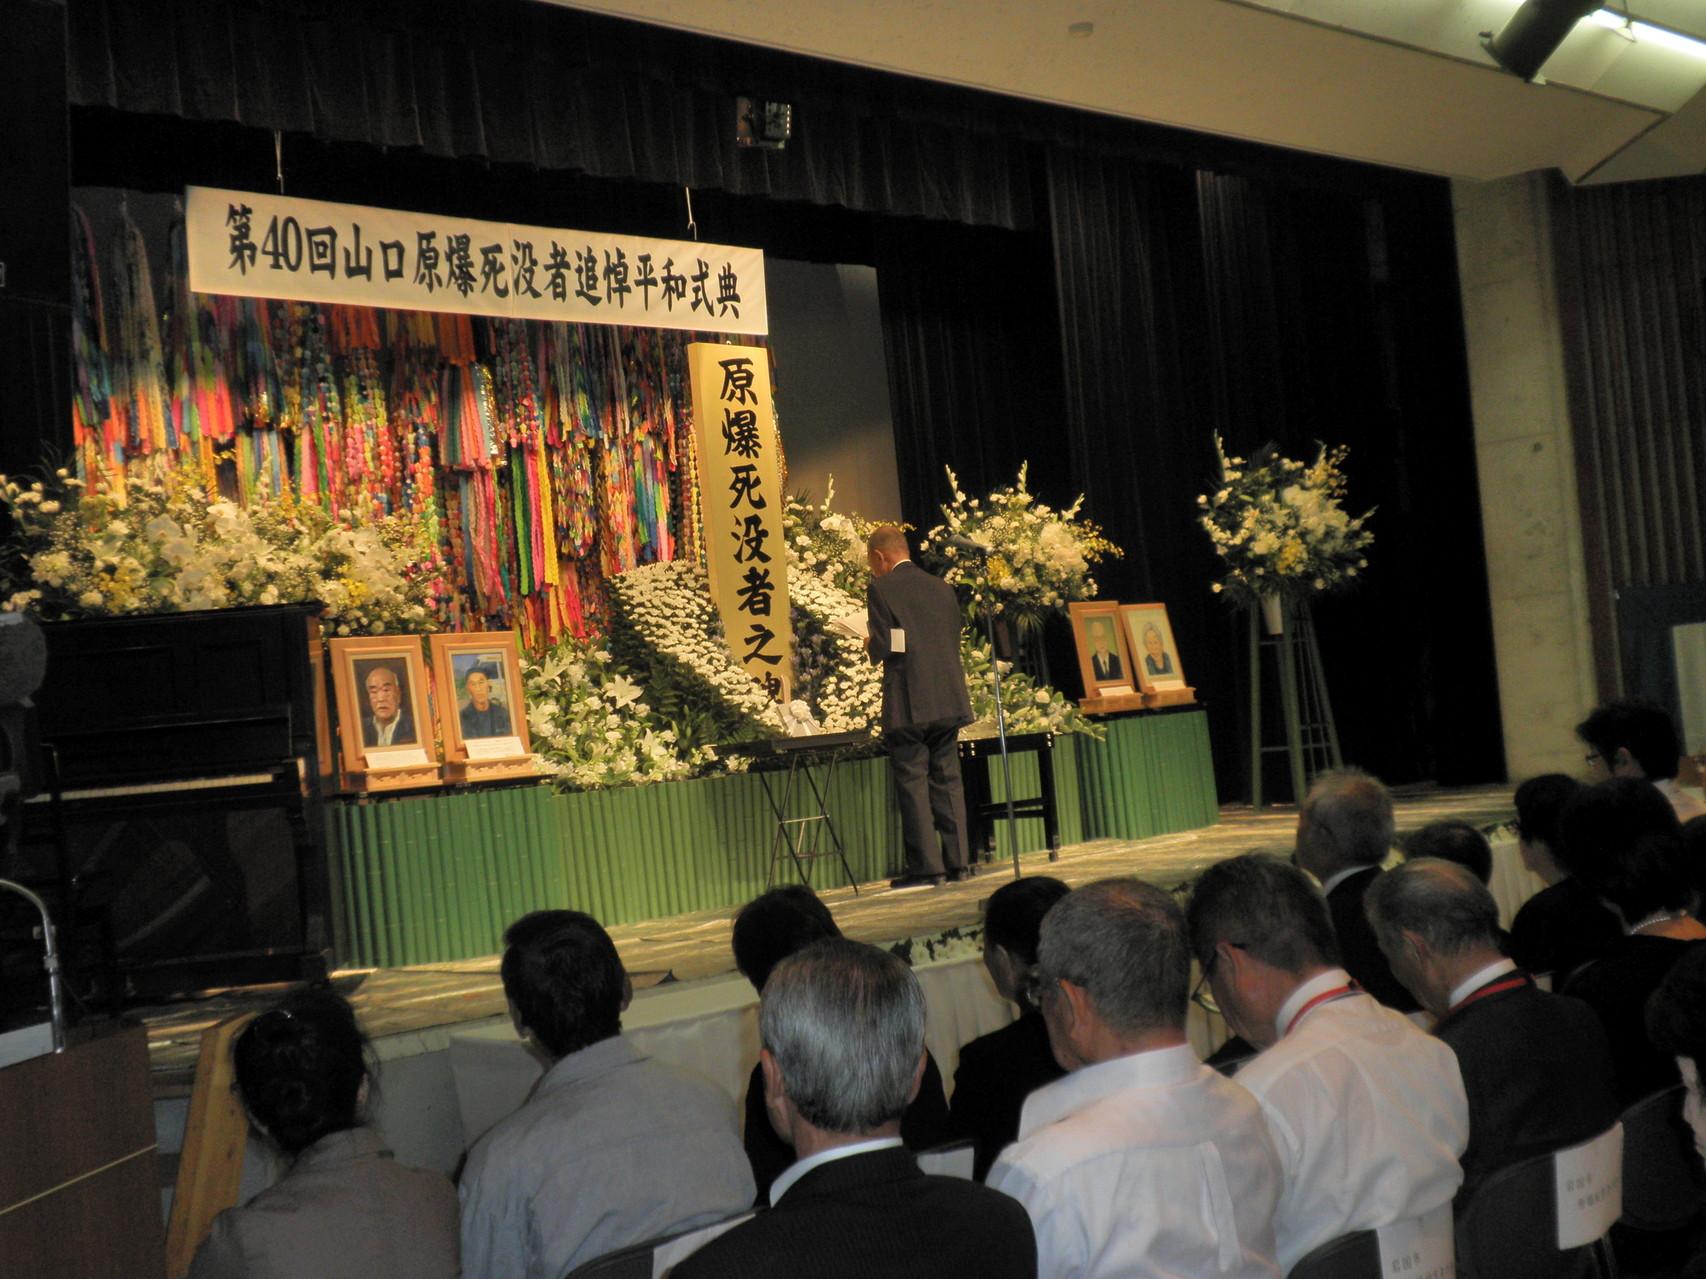 「第40回山口原爆死没者追悼・平和式典」 第1部 追悼のことば (増原 博 様)